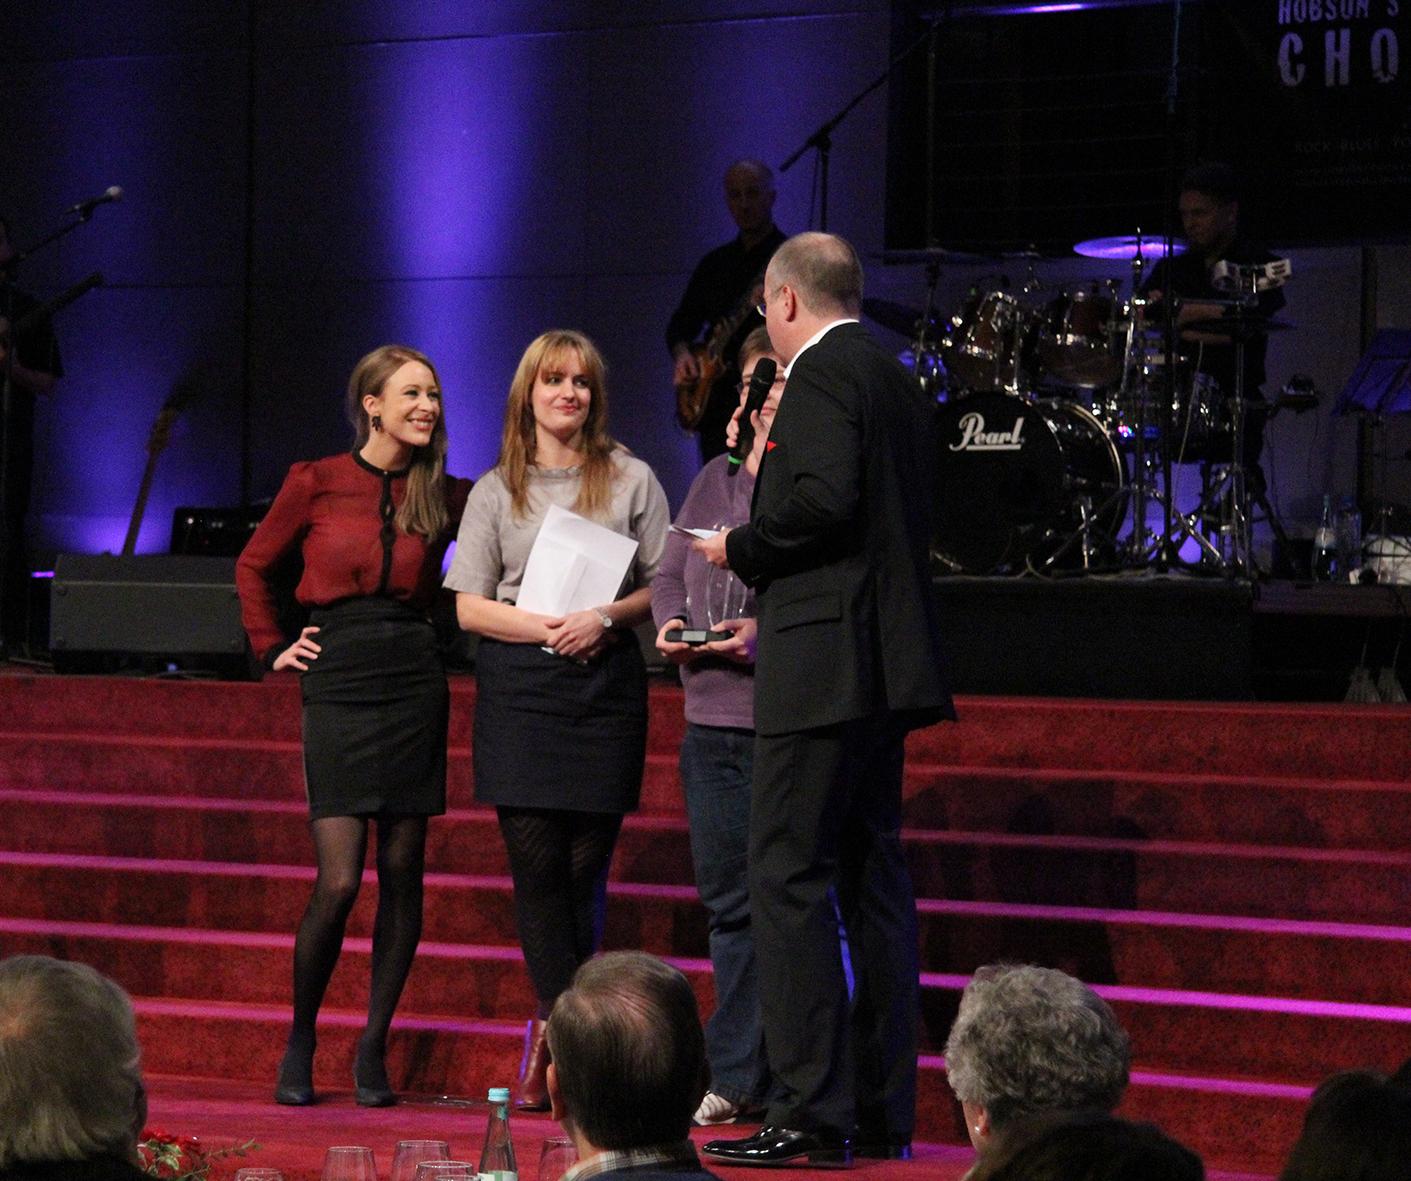 Über die Auszeichnung, dotiert mit 1000 Euro, freuen sich Katharina Waterkamp (l.) und Leonie Jandeck.